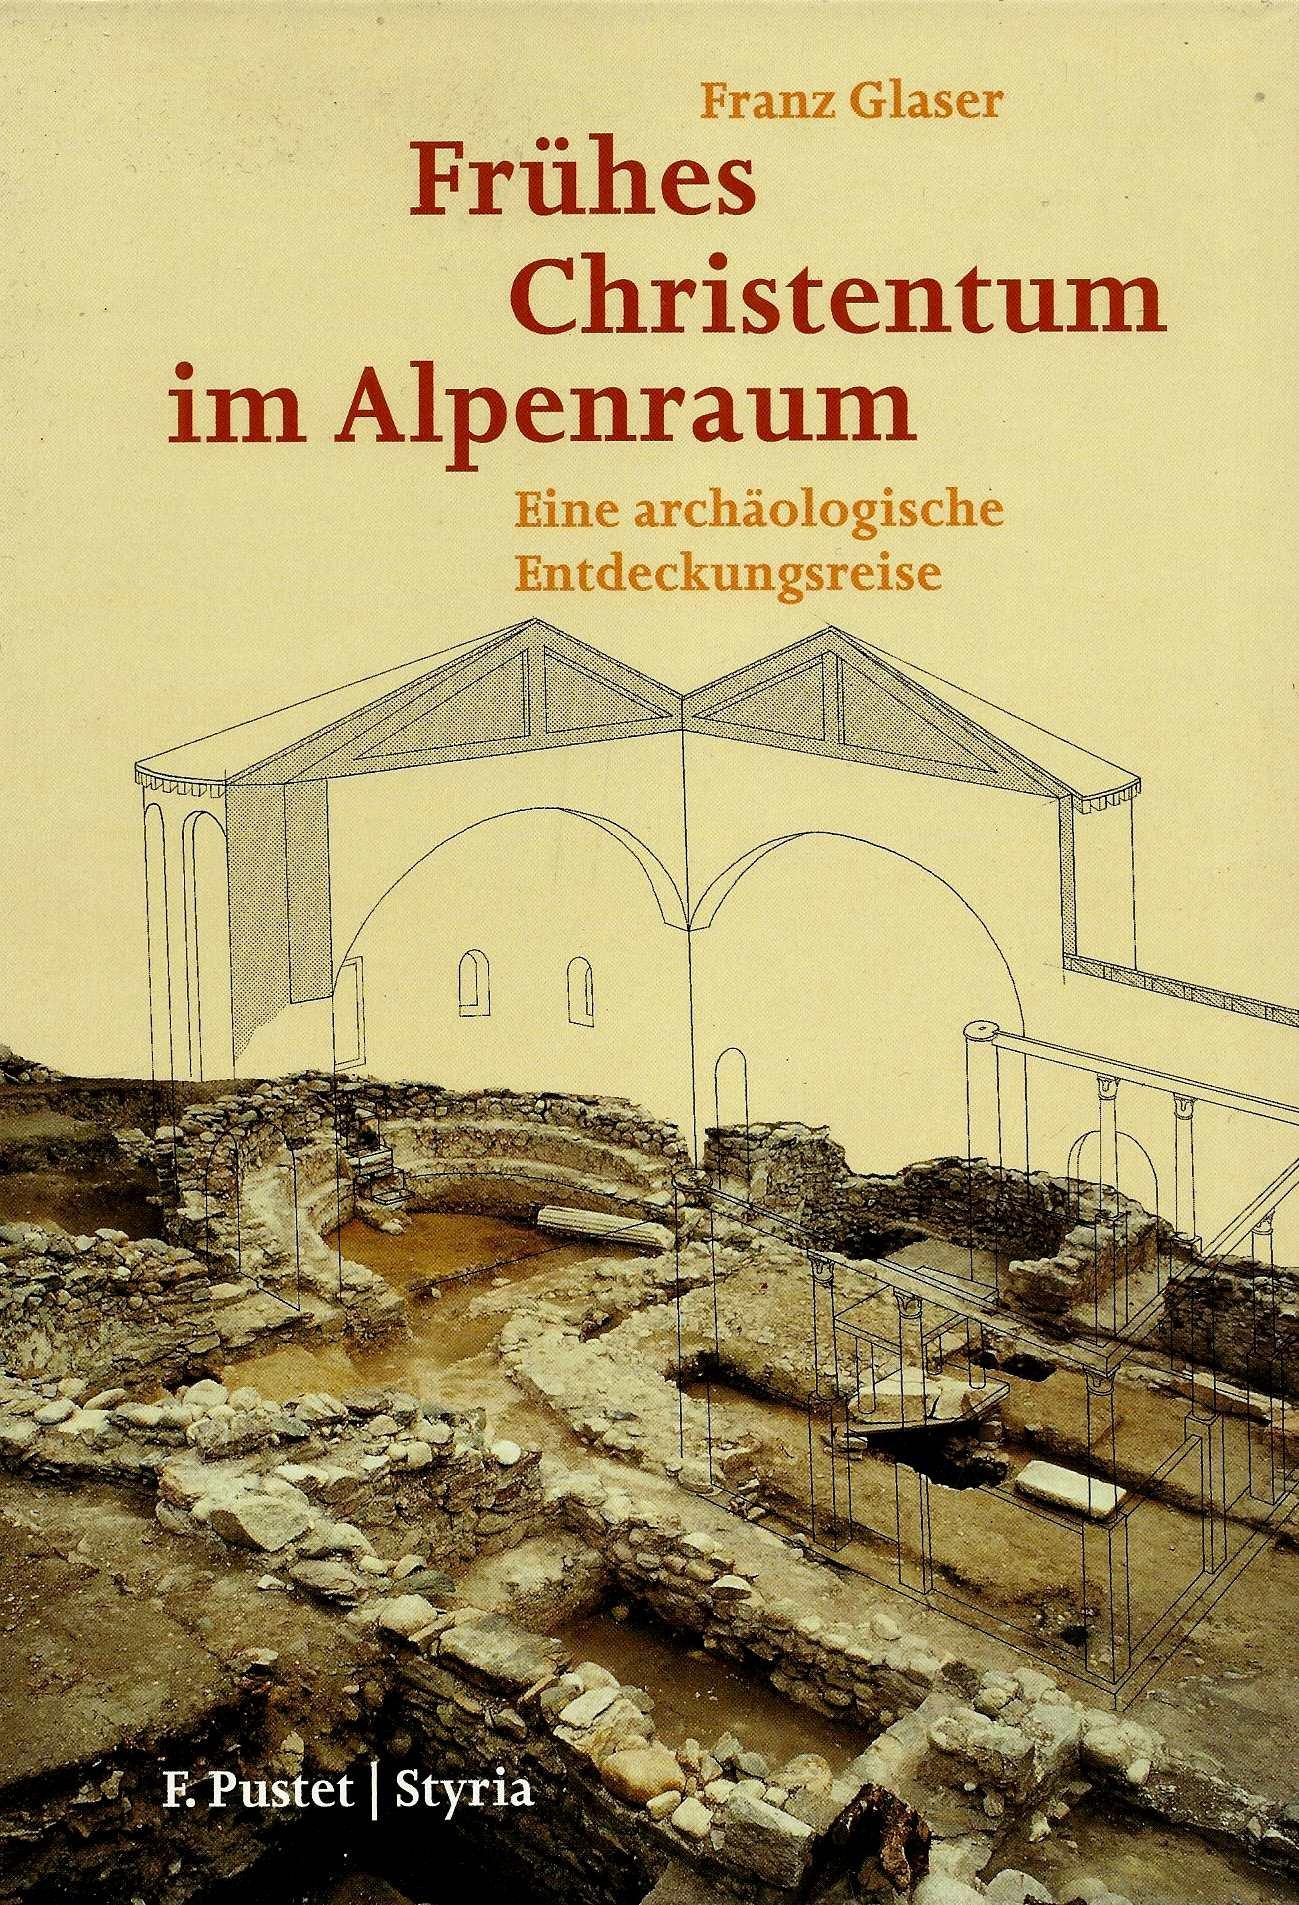 Frühes Christentum im Alpenraum. Eine archäologische Entdeckungsreise